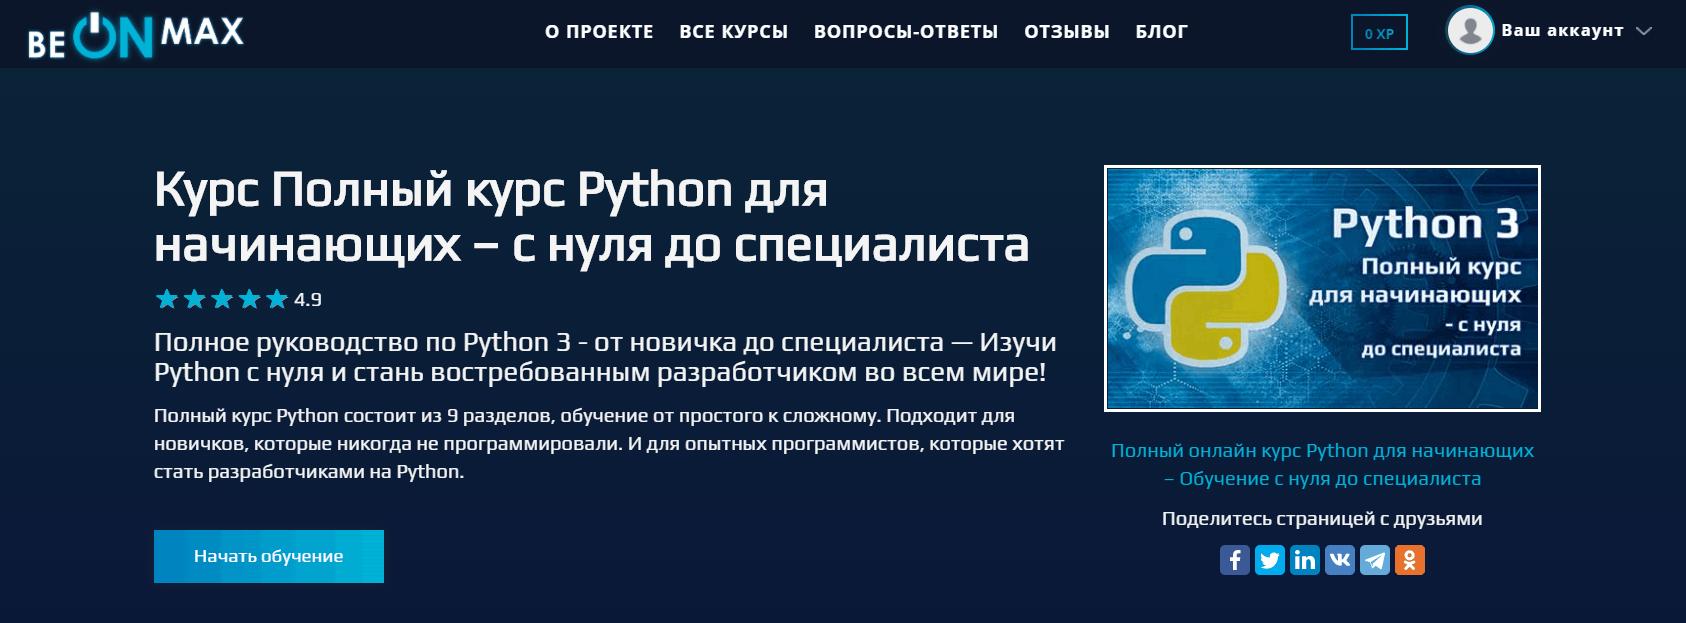 Полный курс Python для начинающих